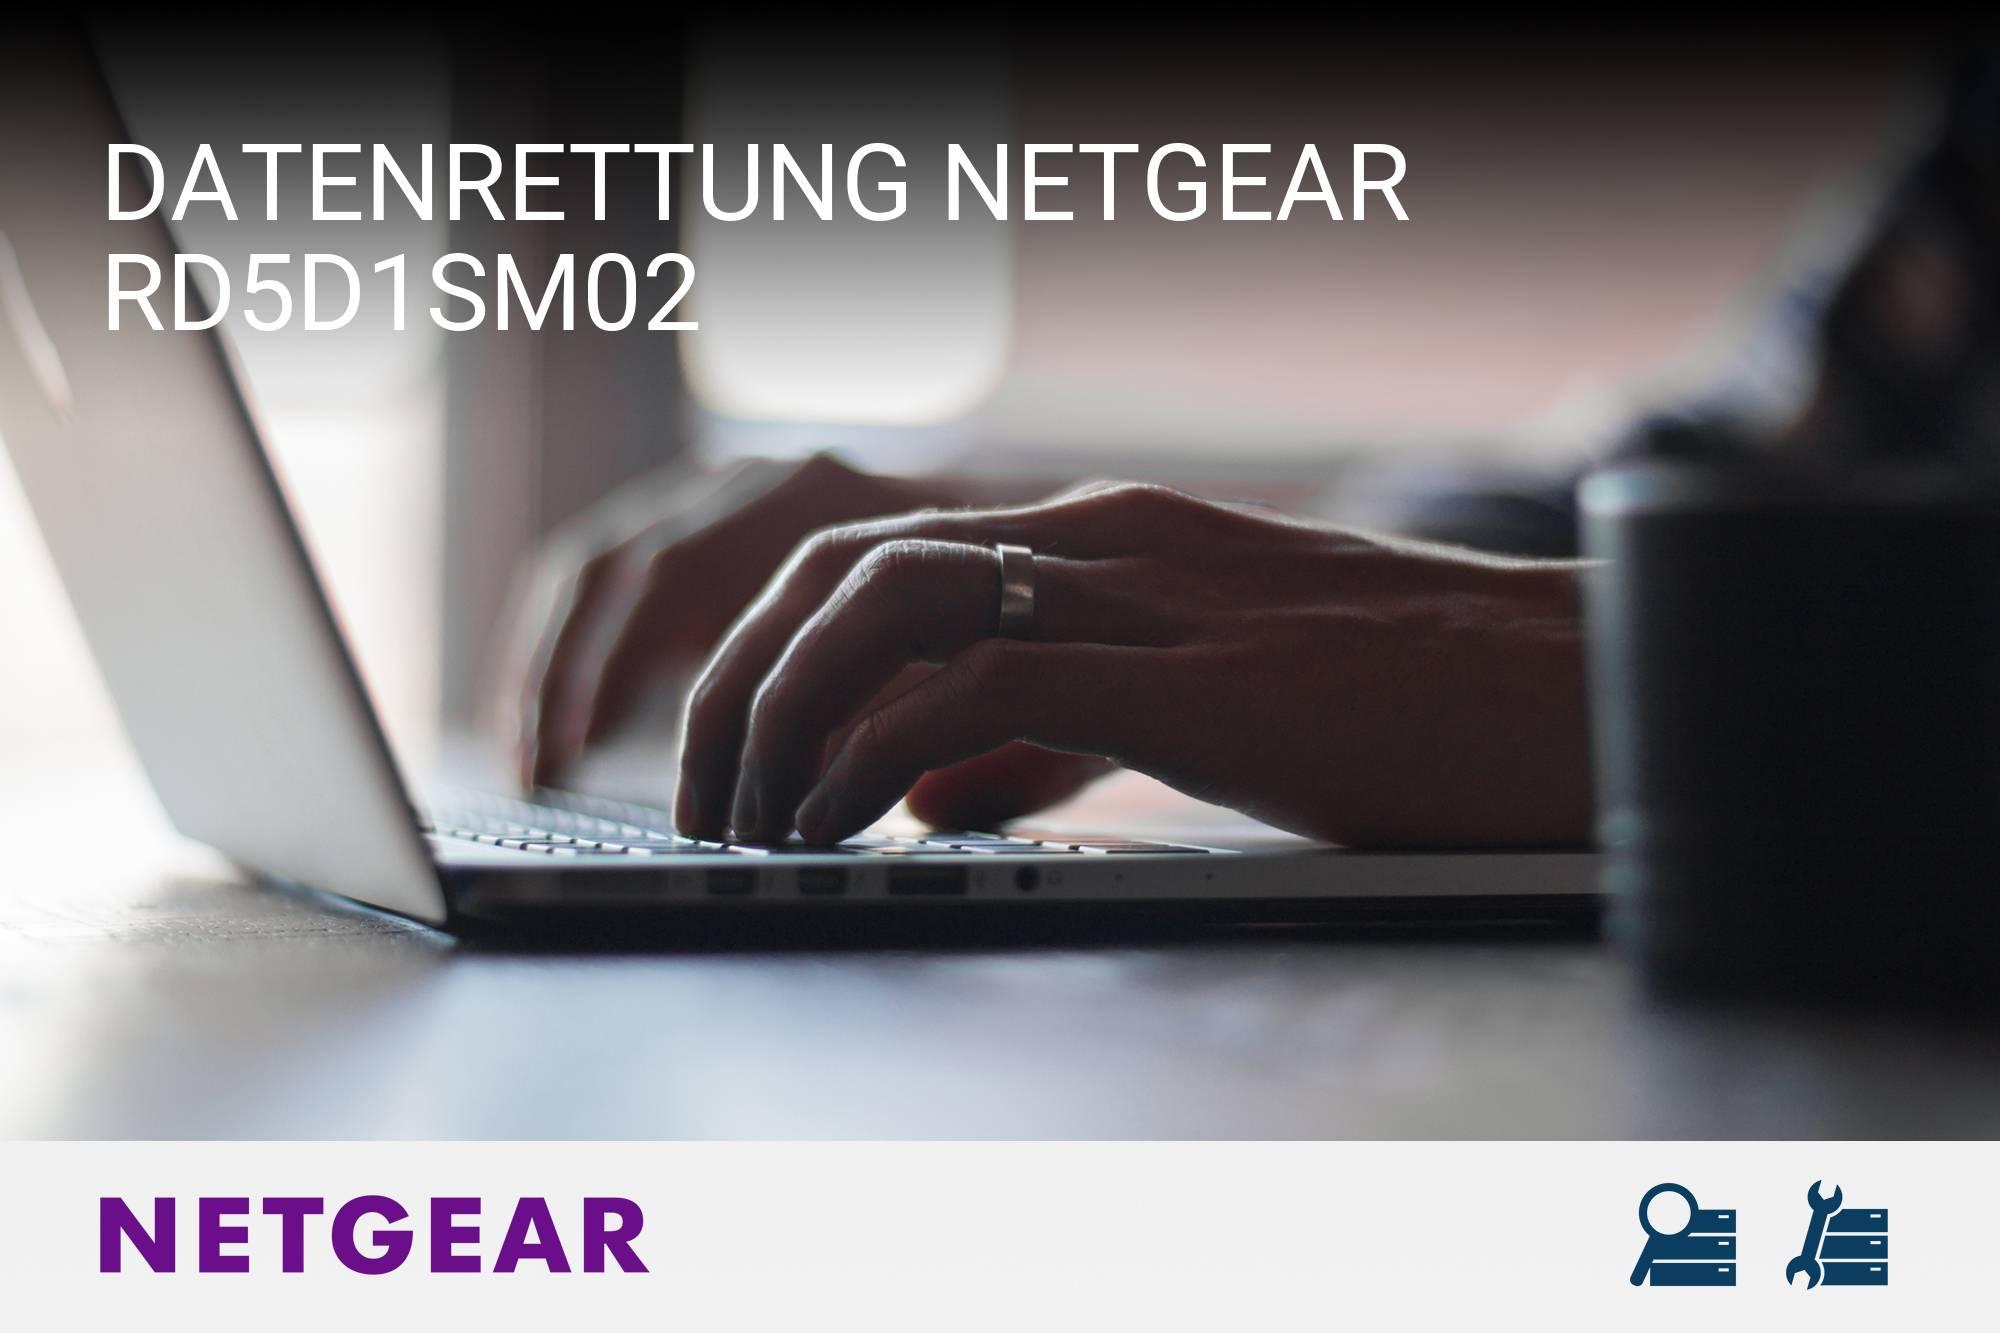 Netgear RD5D1SM02